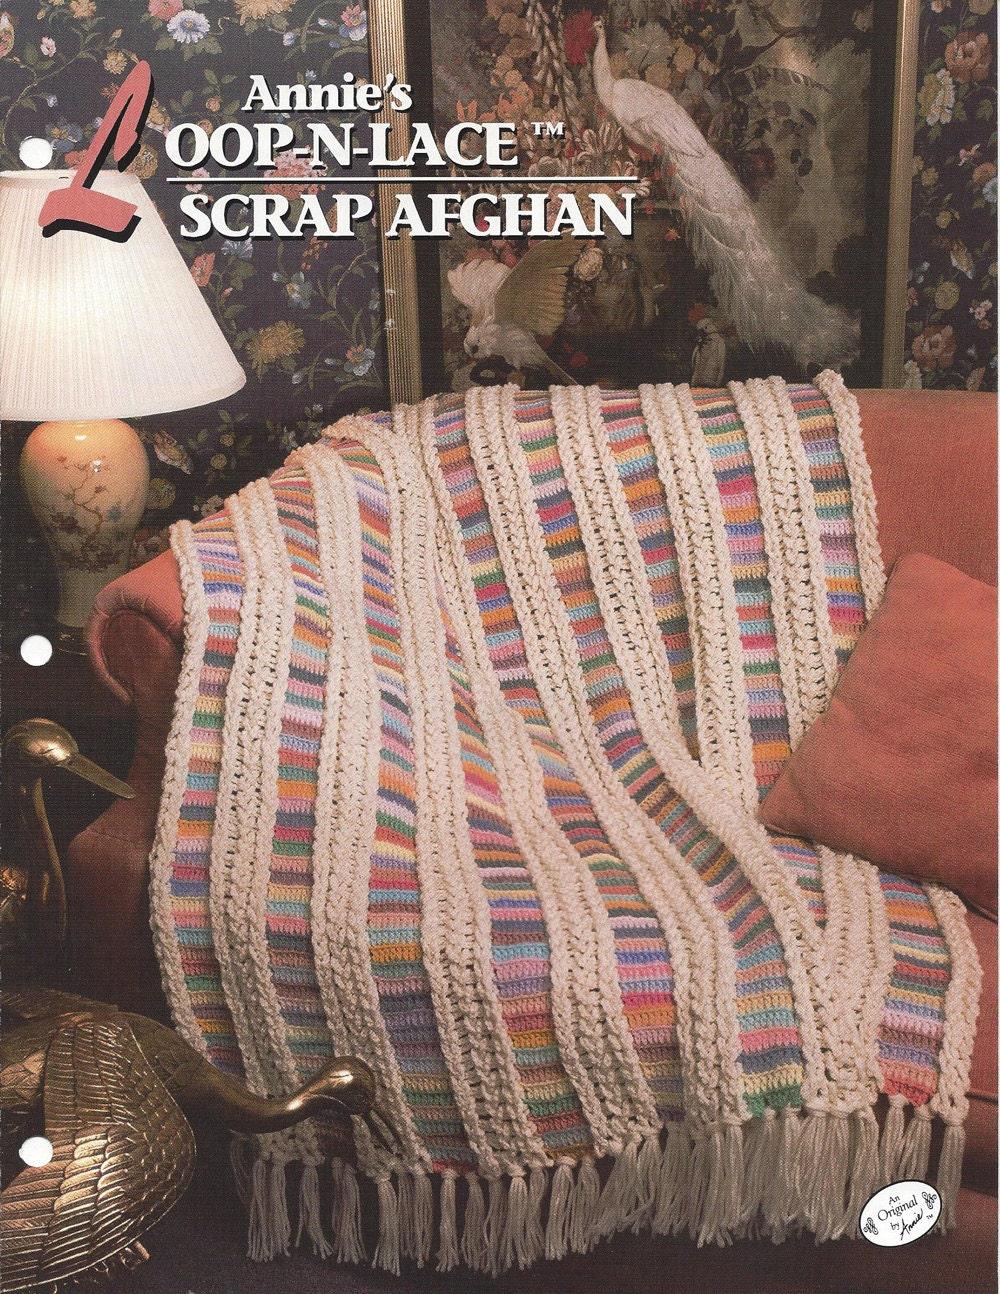 Annie S Culinary Creations Part 2: Annie's Loop-N-Lace Scrap Afghan Annie's Crochet